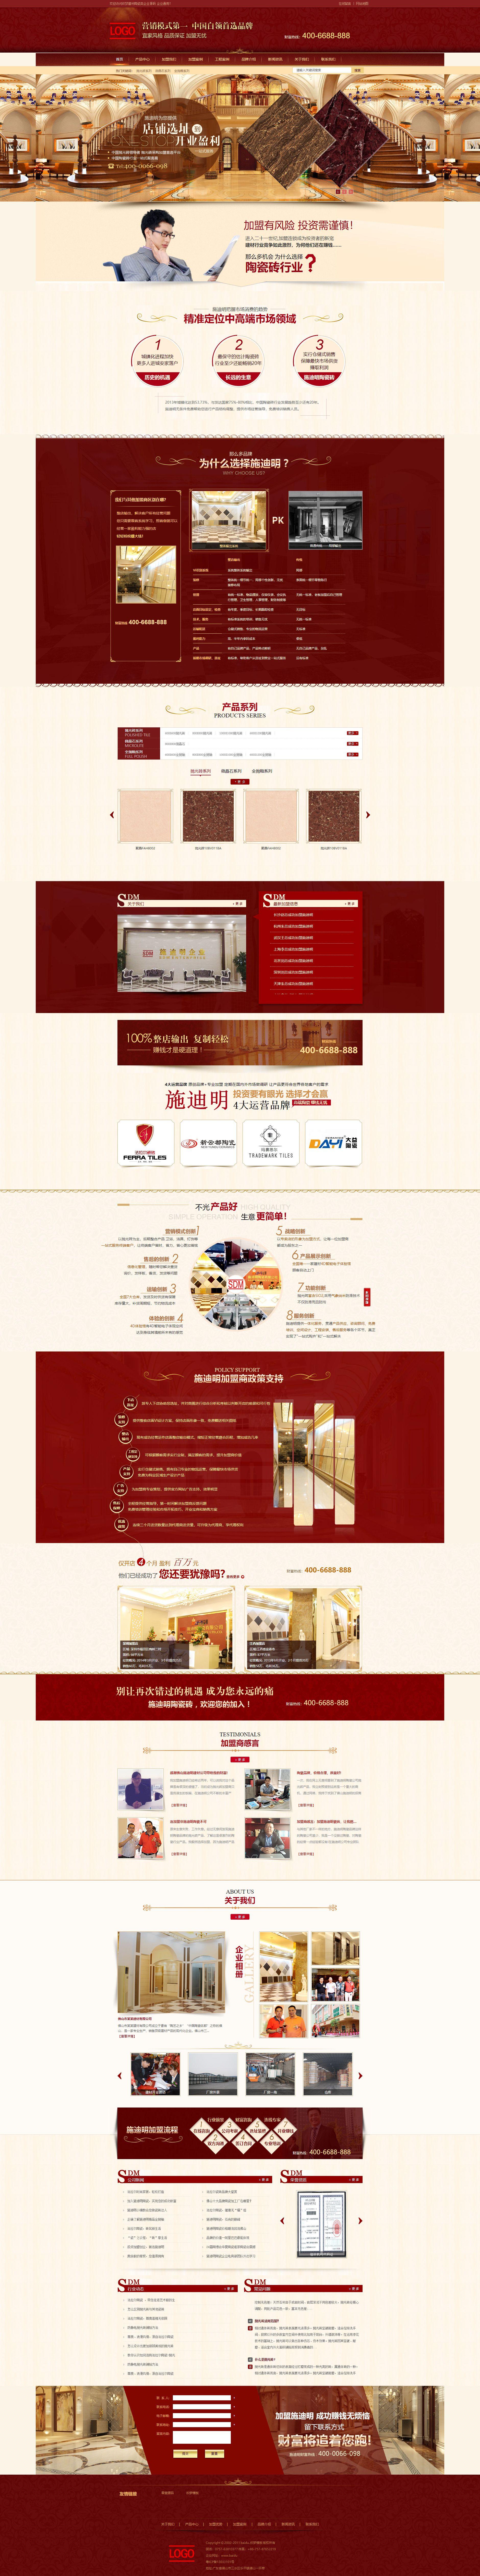 建材类营销型网站织梦dedecms模板